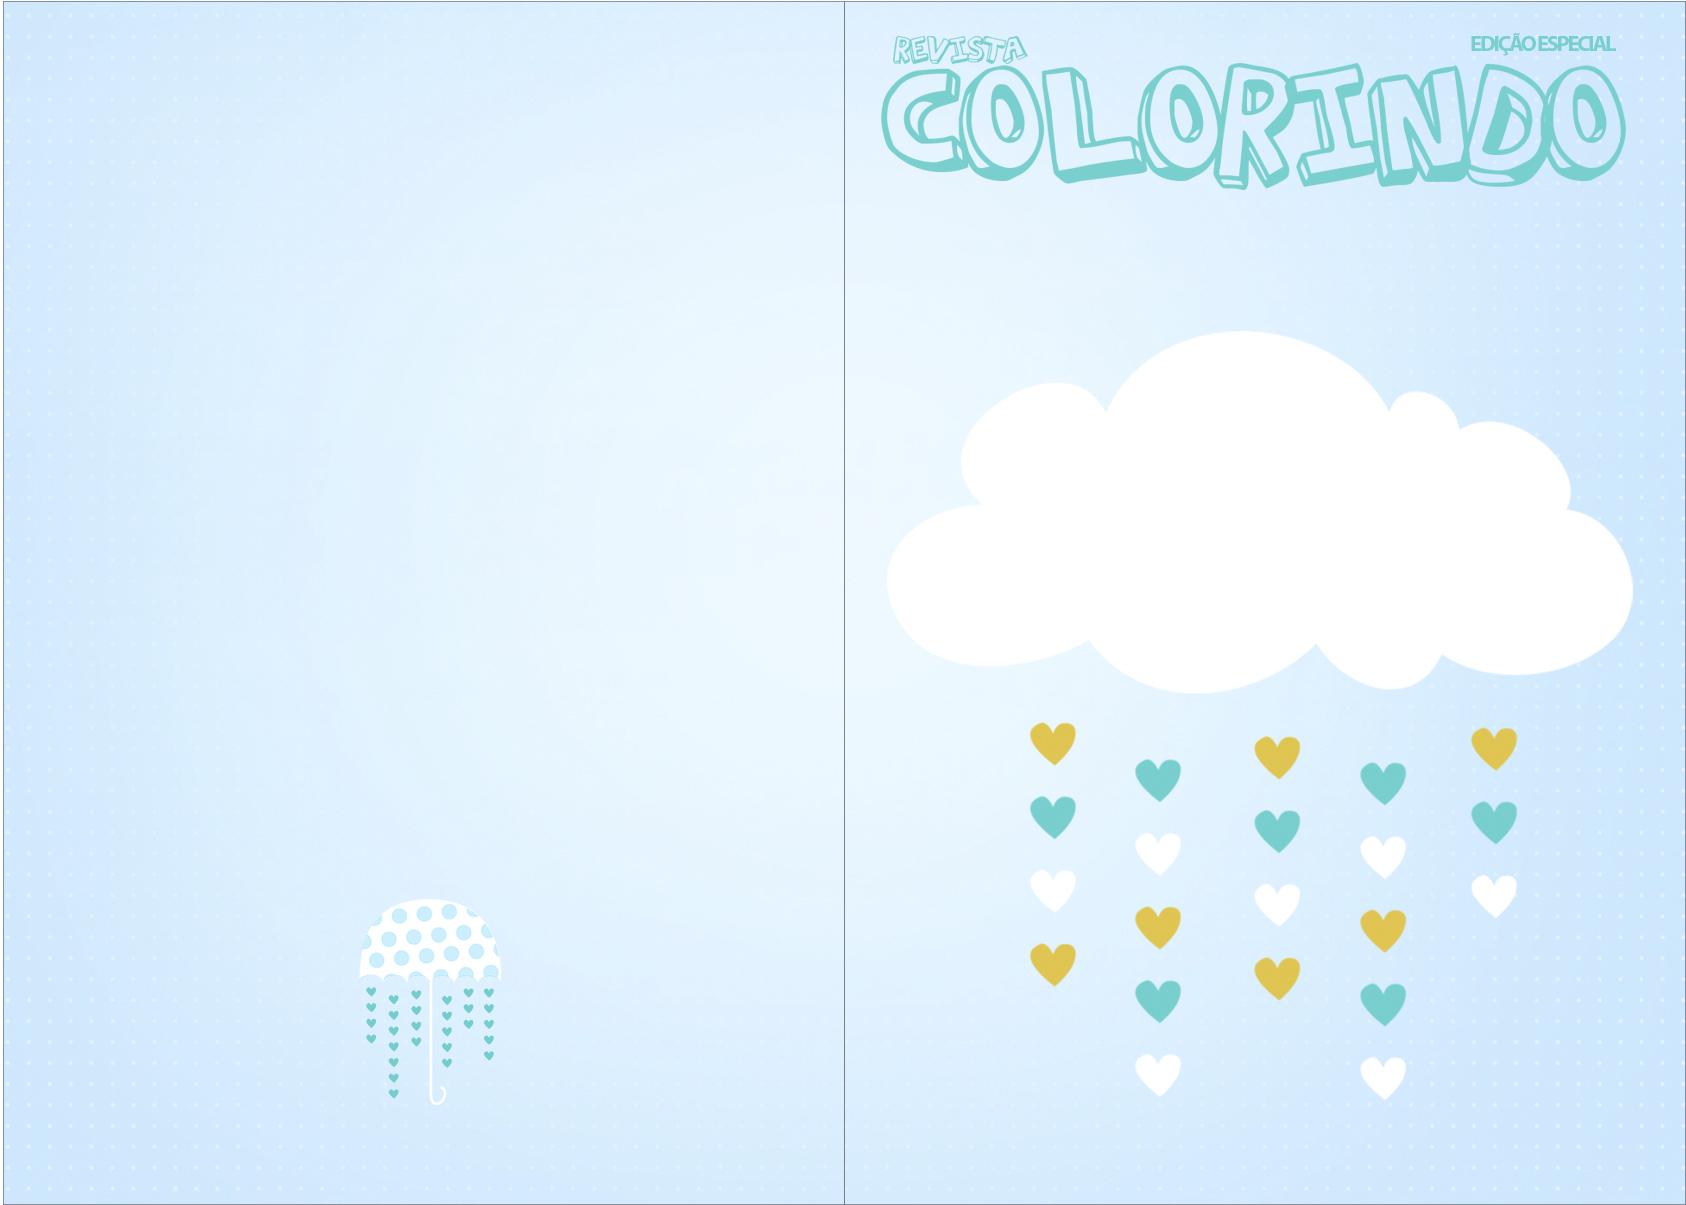 Revista Colorindo Chuva de Benção